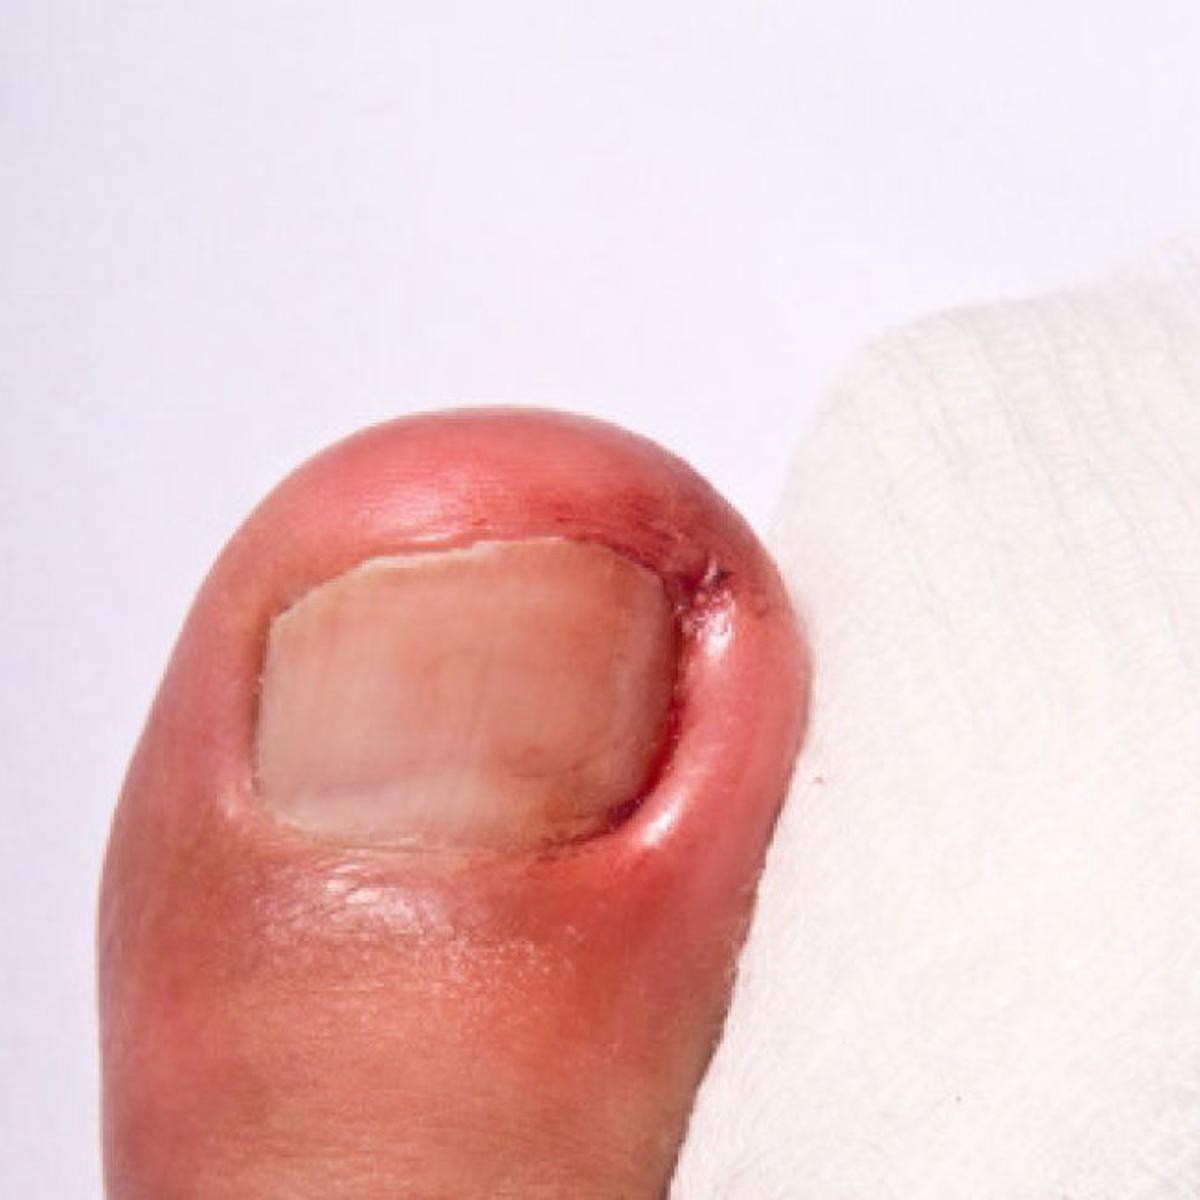 Still surgery toe numb toenail after ingrown Toe still